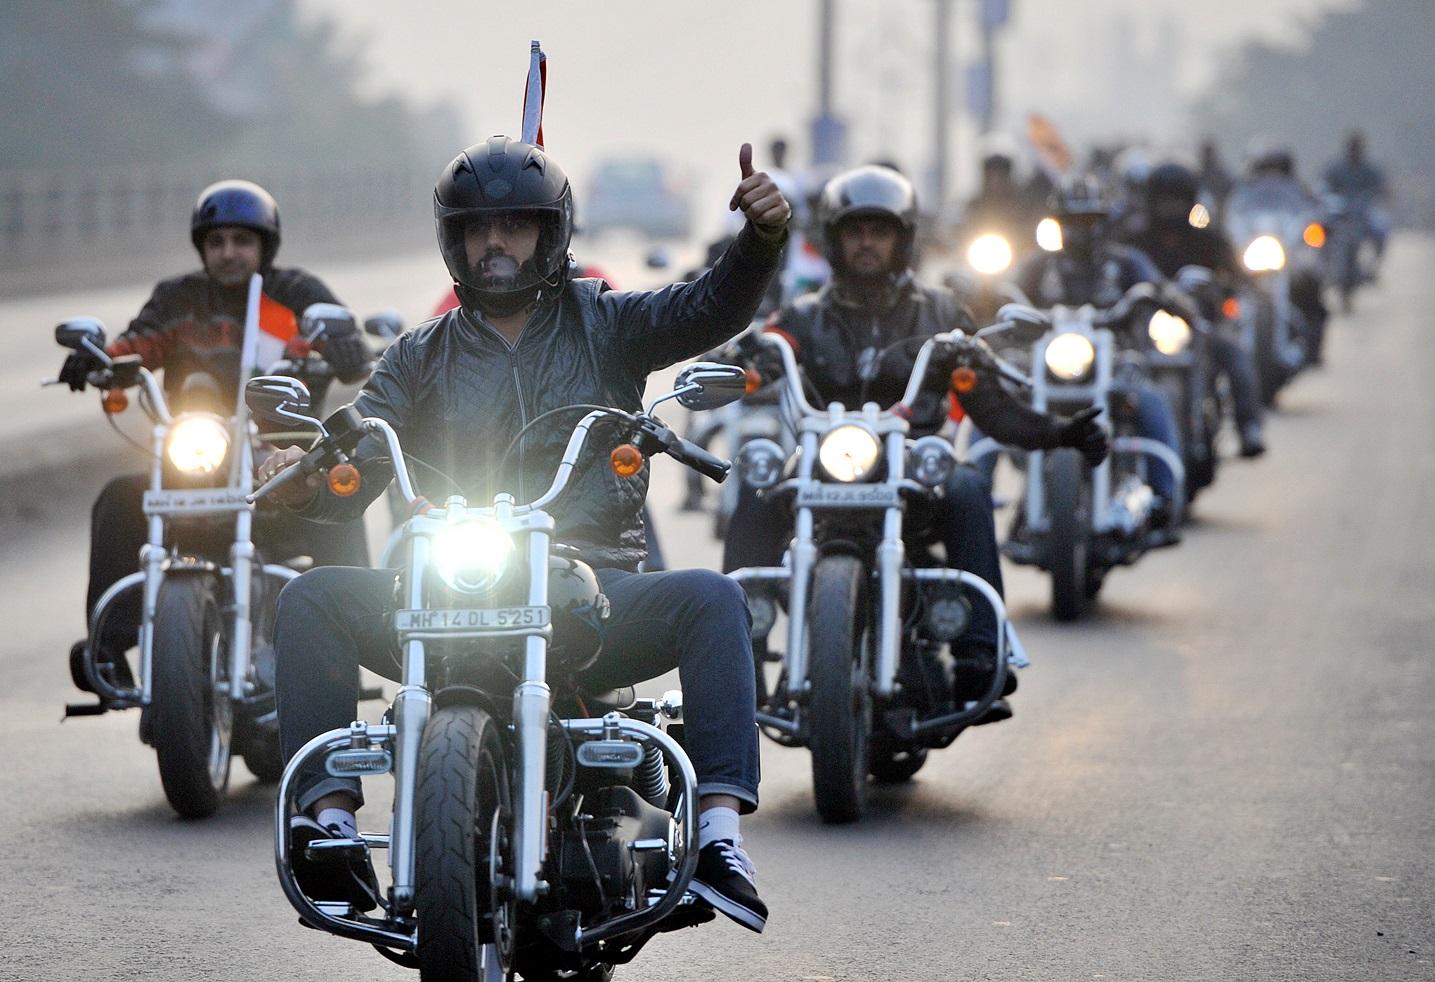 будущих фото на день мотоциклов расцветка выглядит